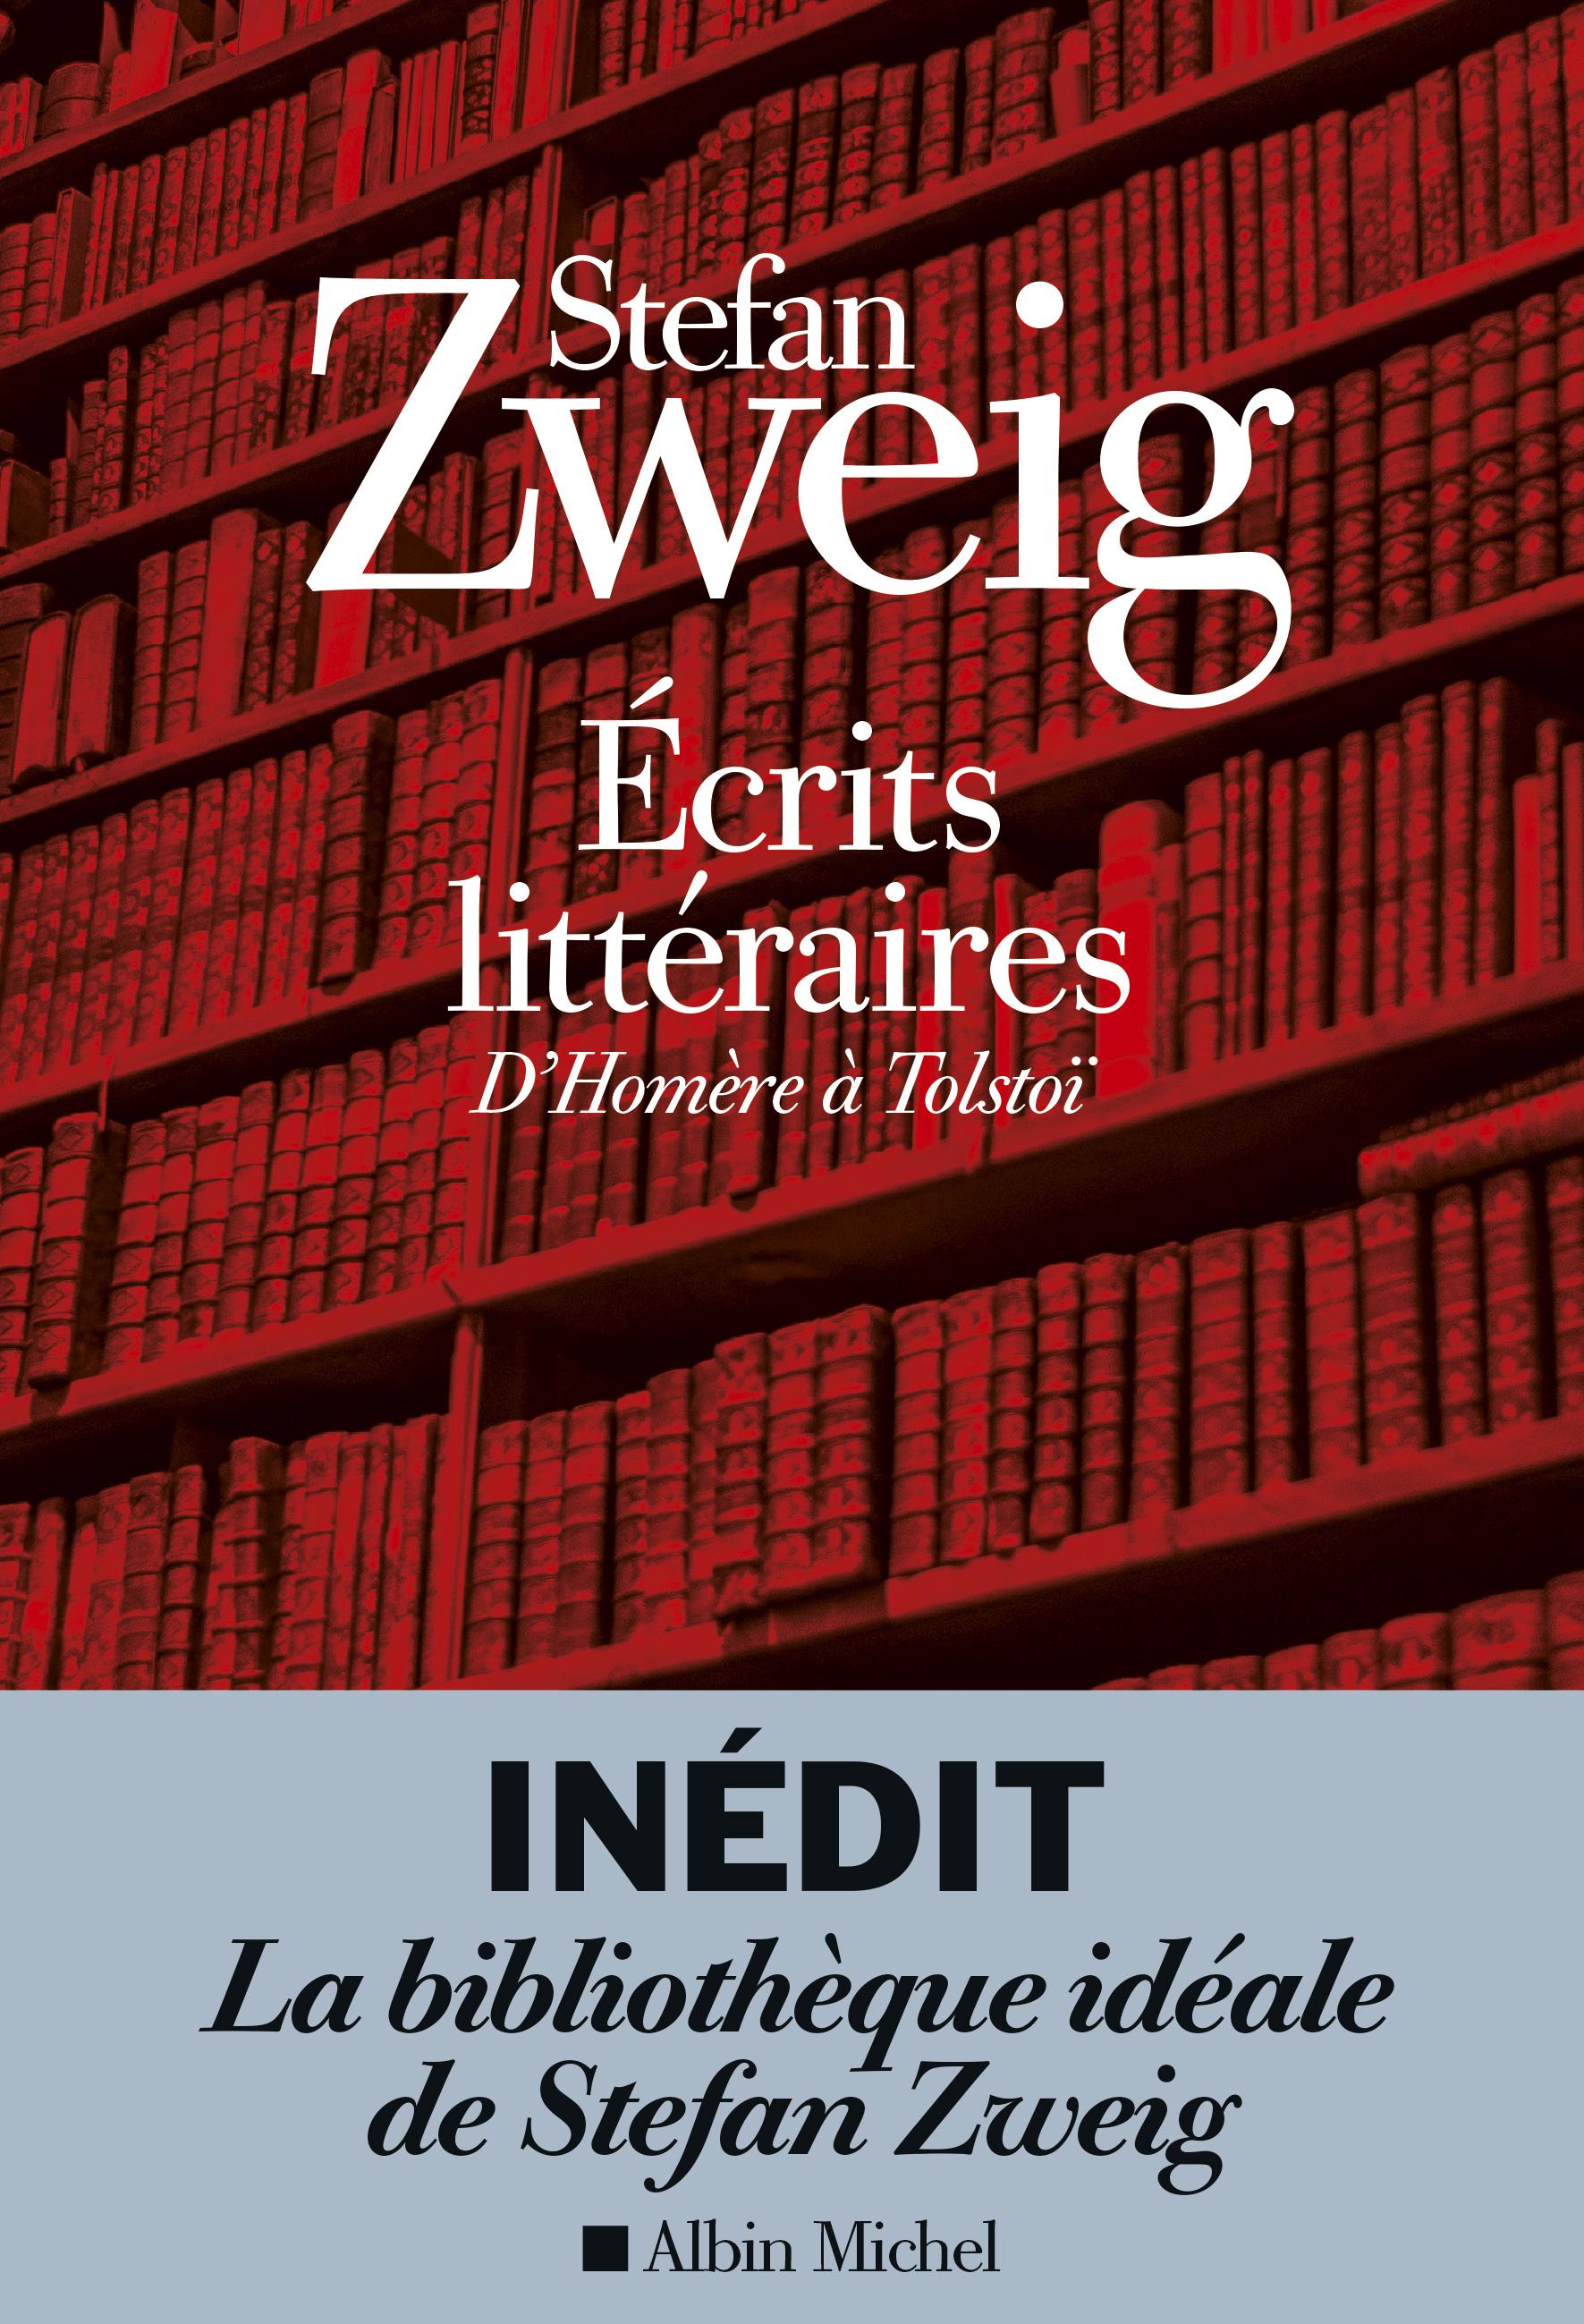 S. Zweig, Écrits littéraires. D'Homère à Tolstoï